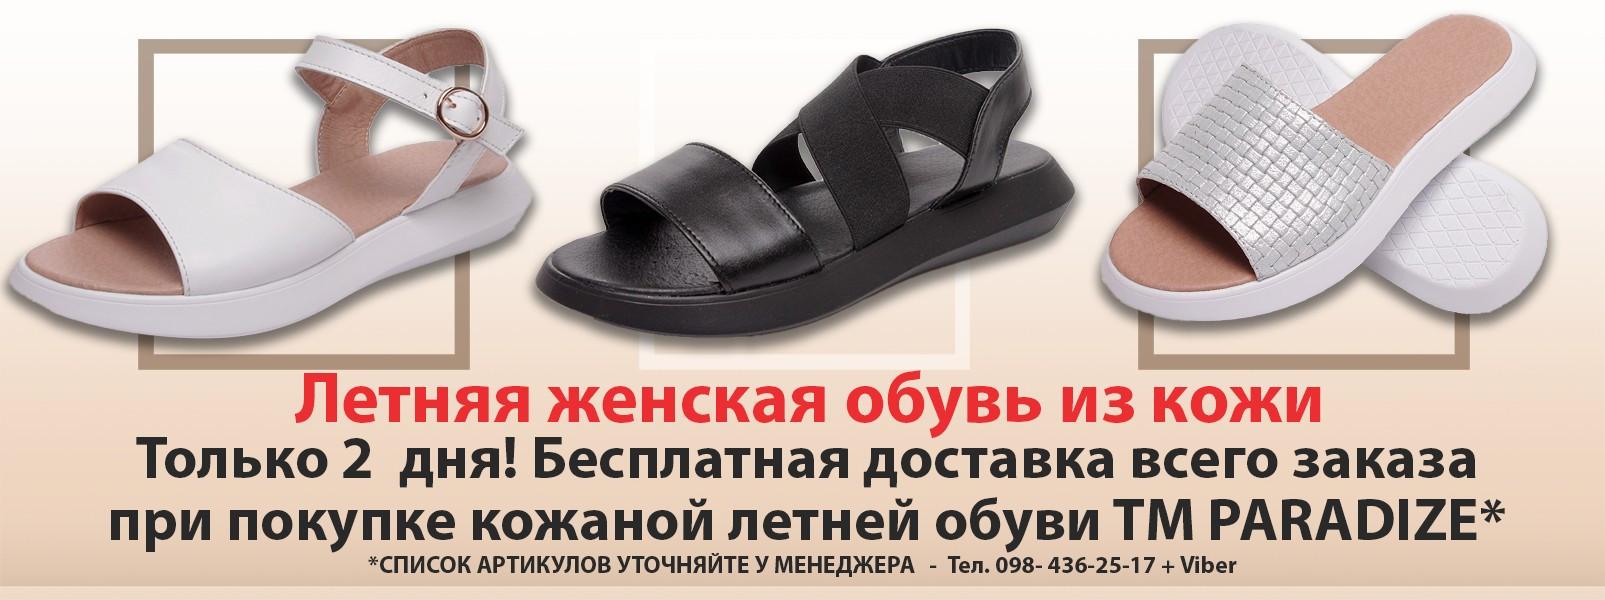 Босоножки и шлепанцы оптом - кожаная обувь Paradize